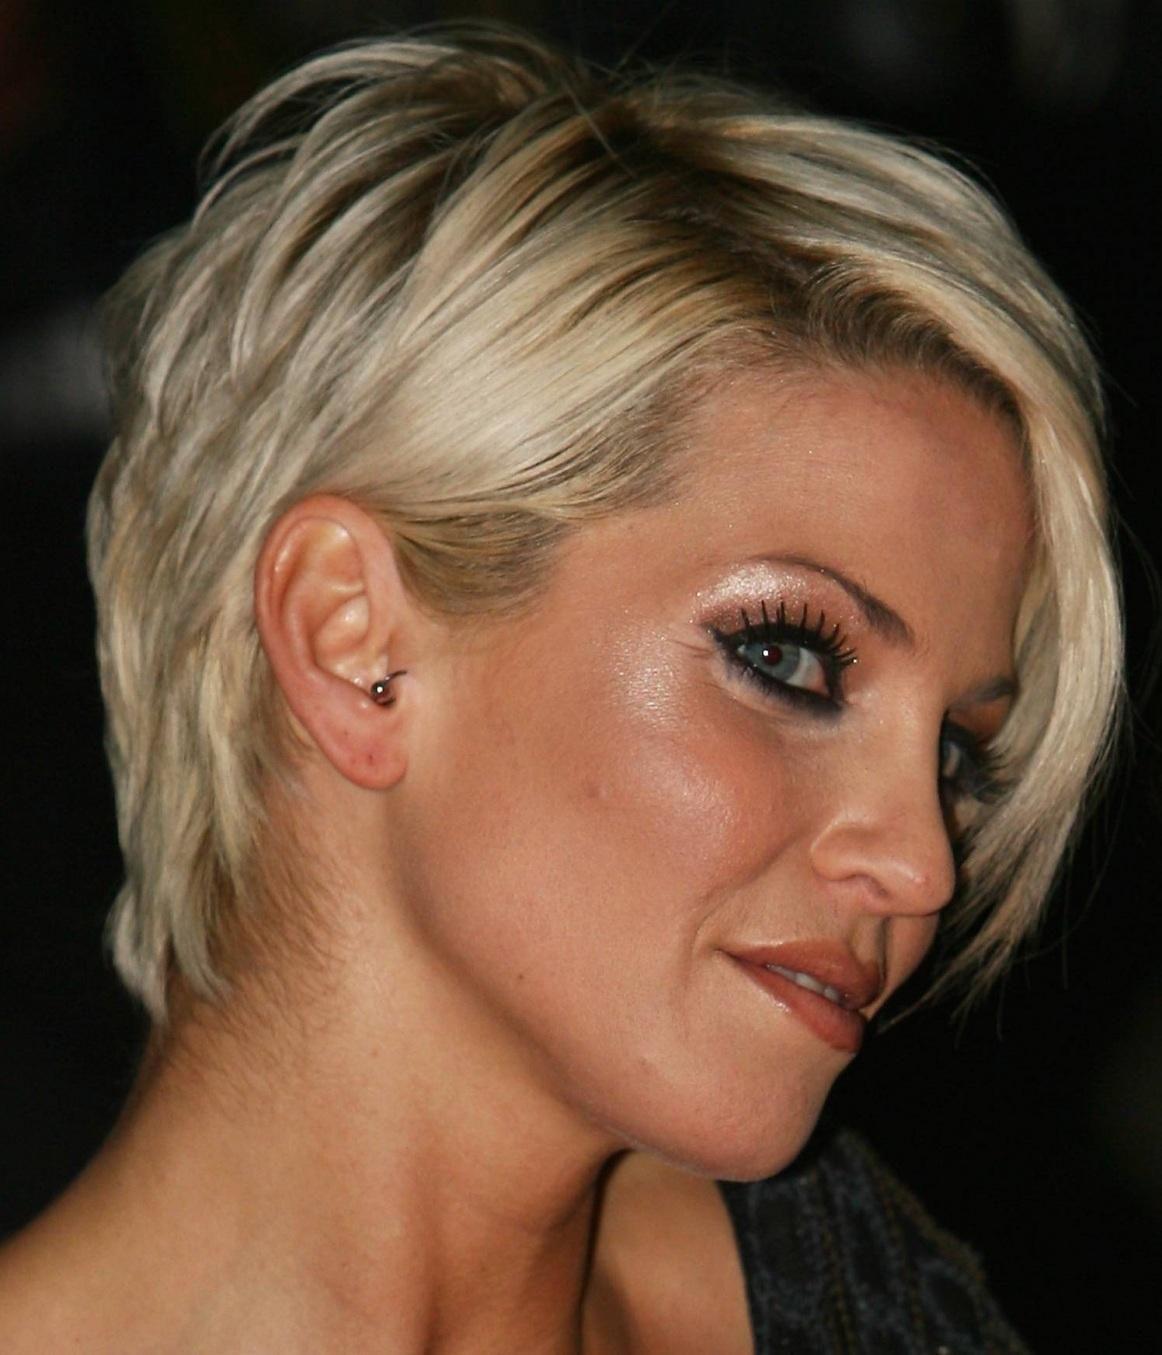 short blonde hair. sarah harding - hairstyles | pinterest